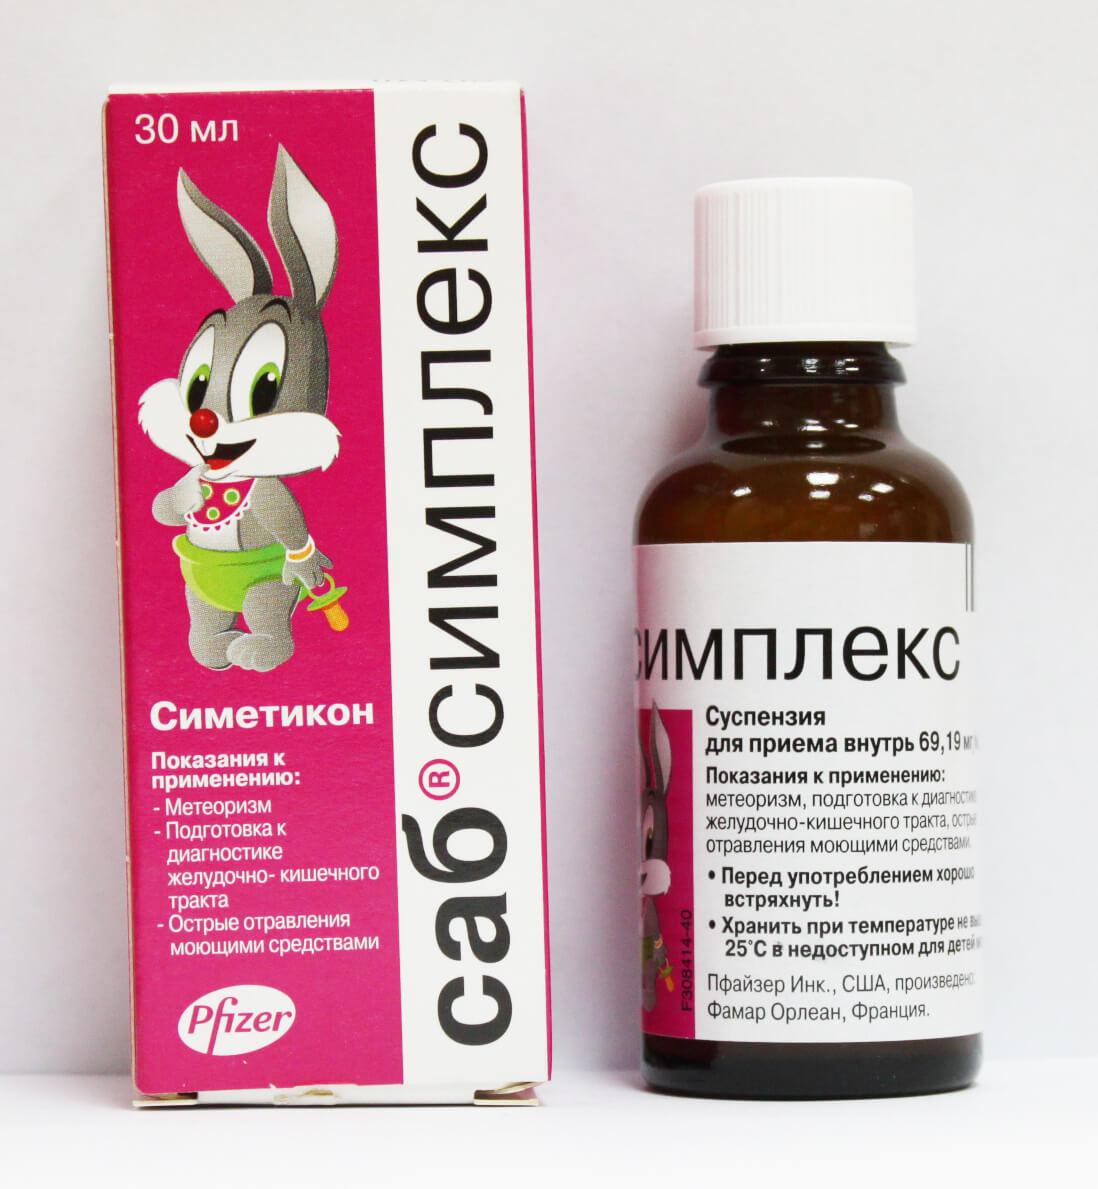 Что мы знаем о препарате Саб Симплекс?